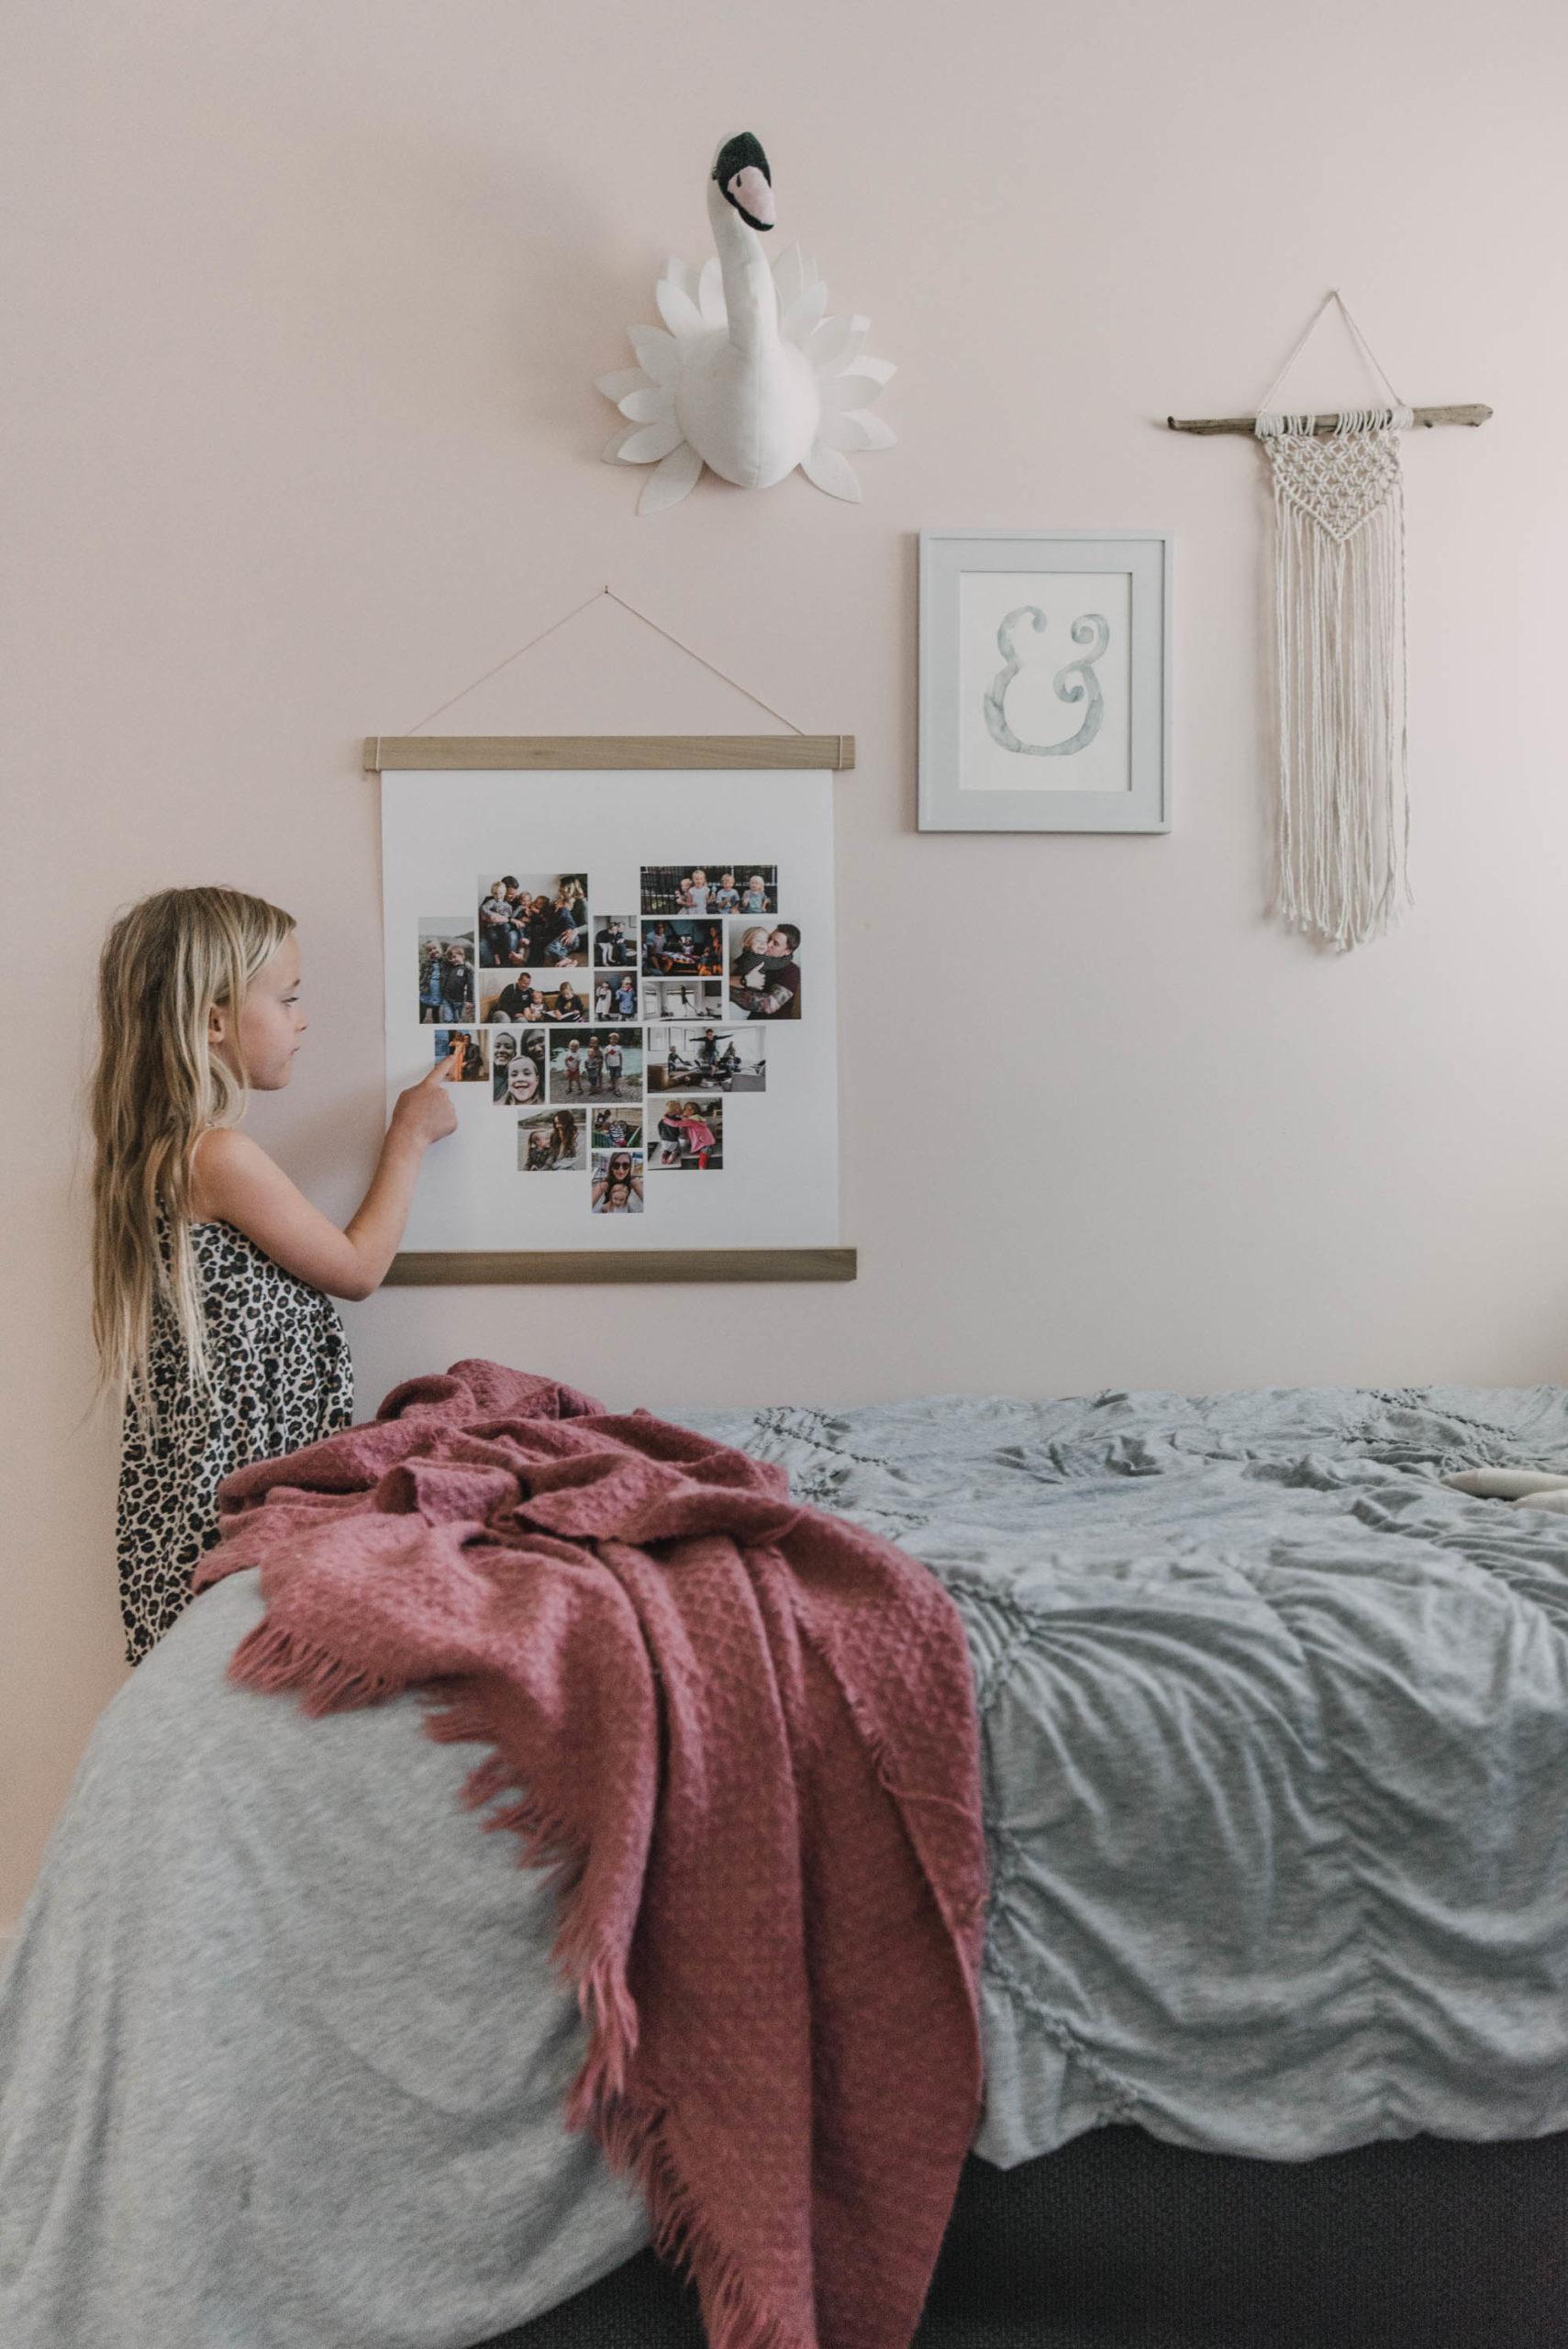 DIY Poster Frame